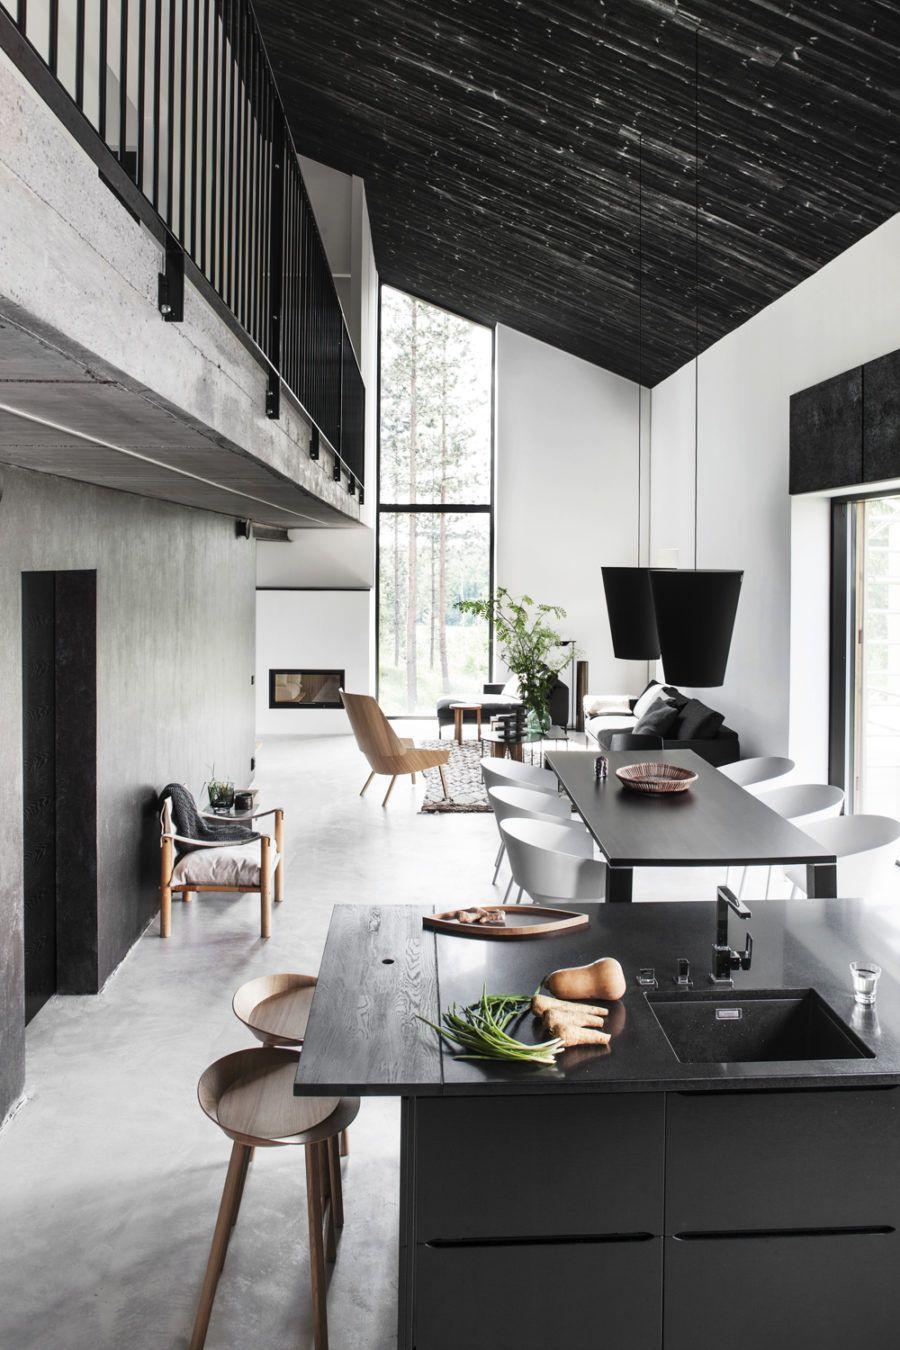 Deko S House Black Ceiling